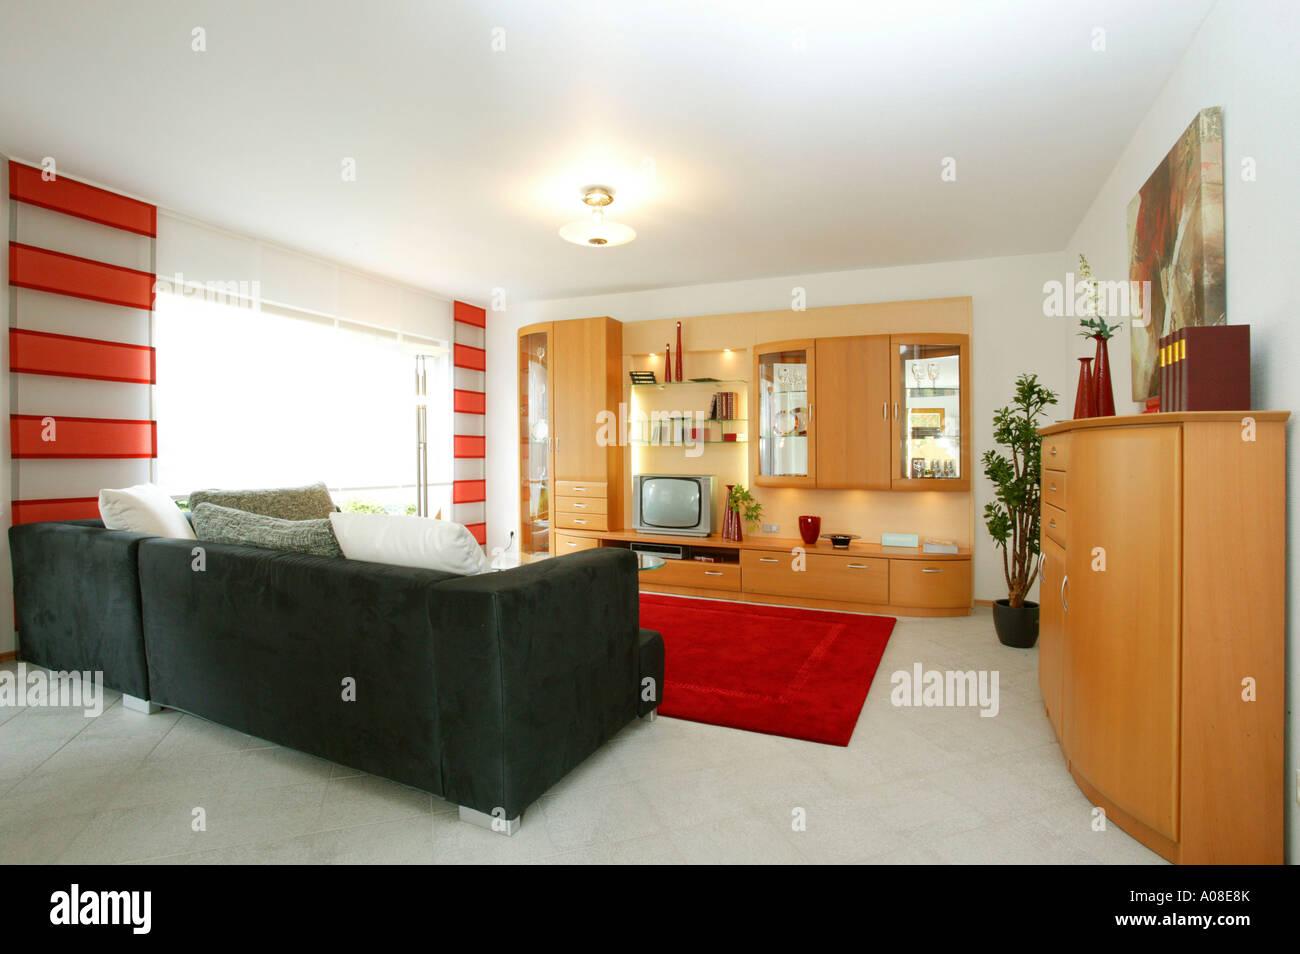 Einfamilienhaus innen Esszimmer, single family home inside dining ...